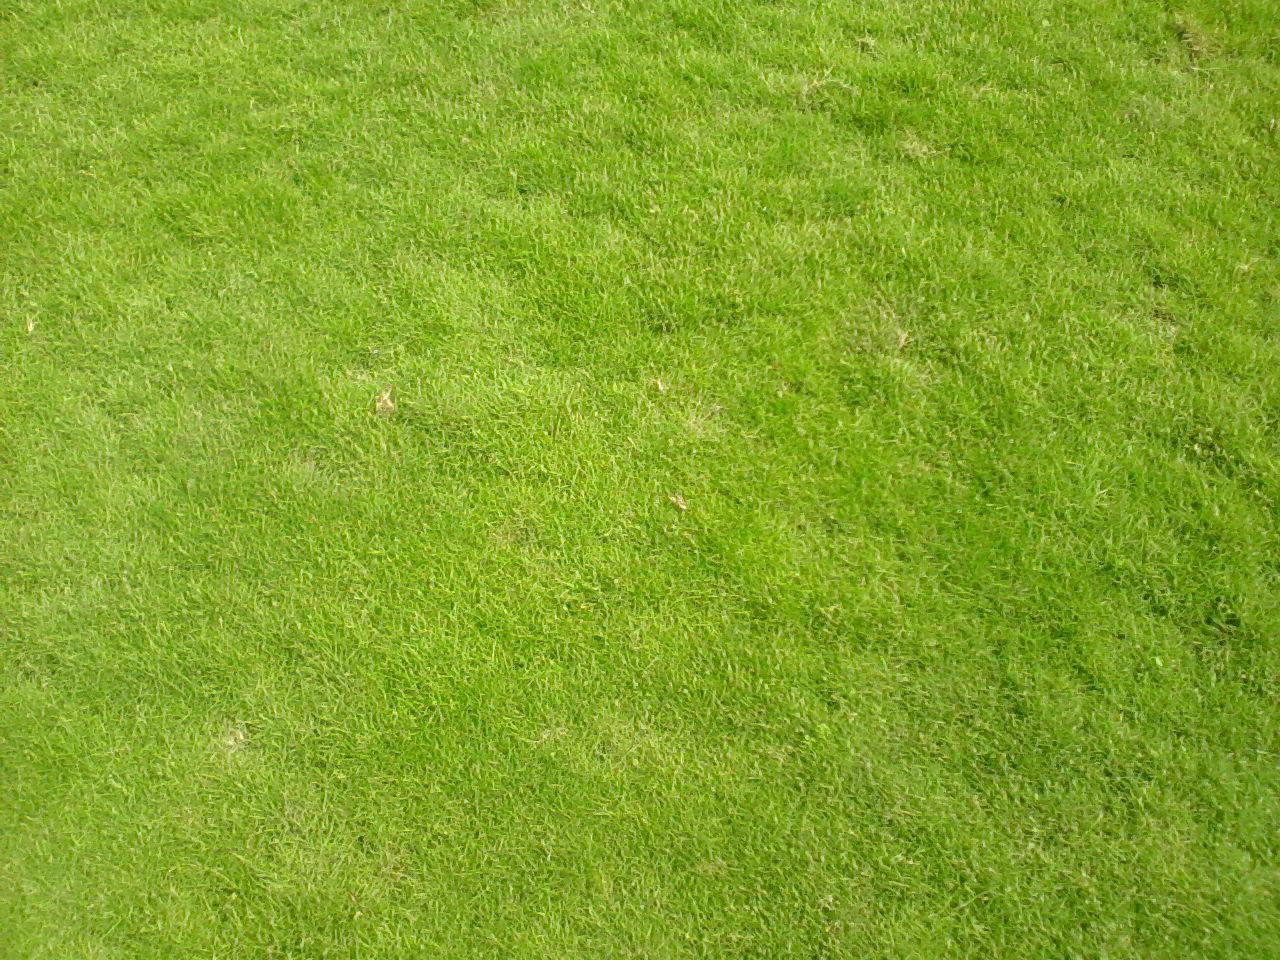 Dịch vụ trồng cỏ ở Tây Ninh chất lượng tốt